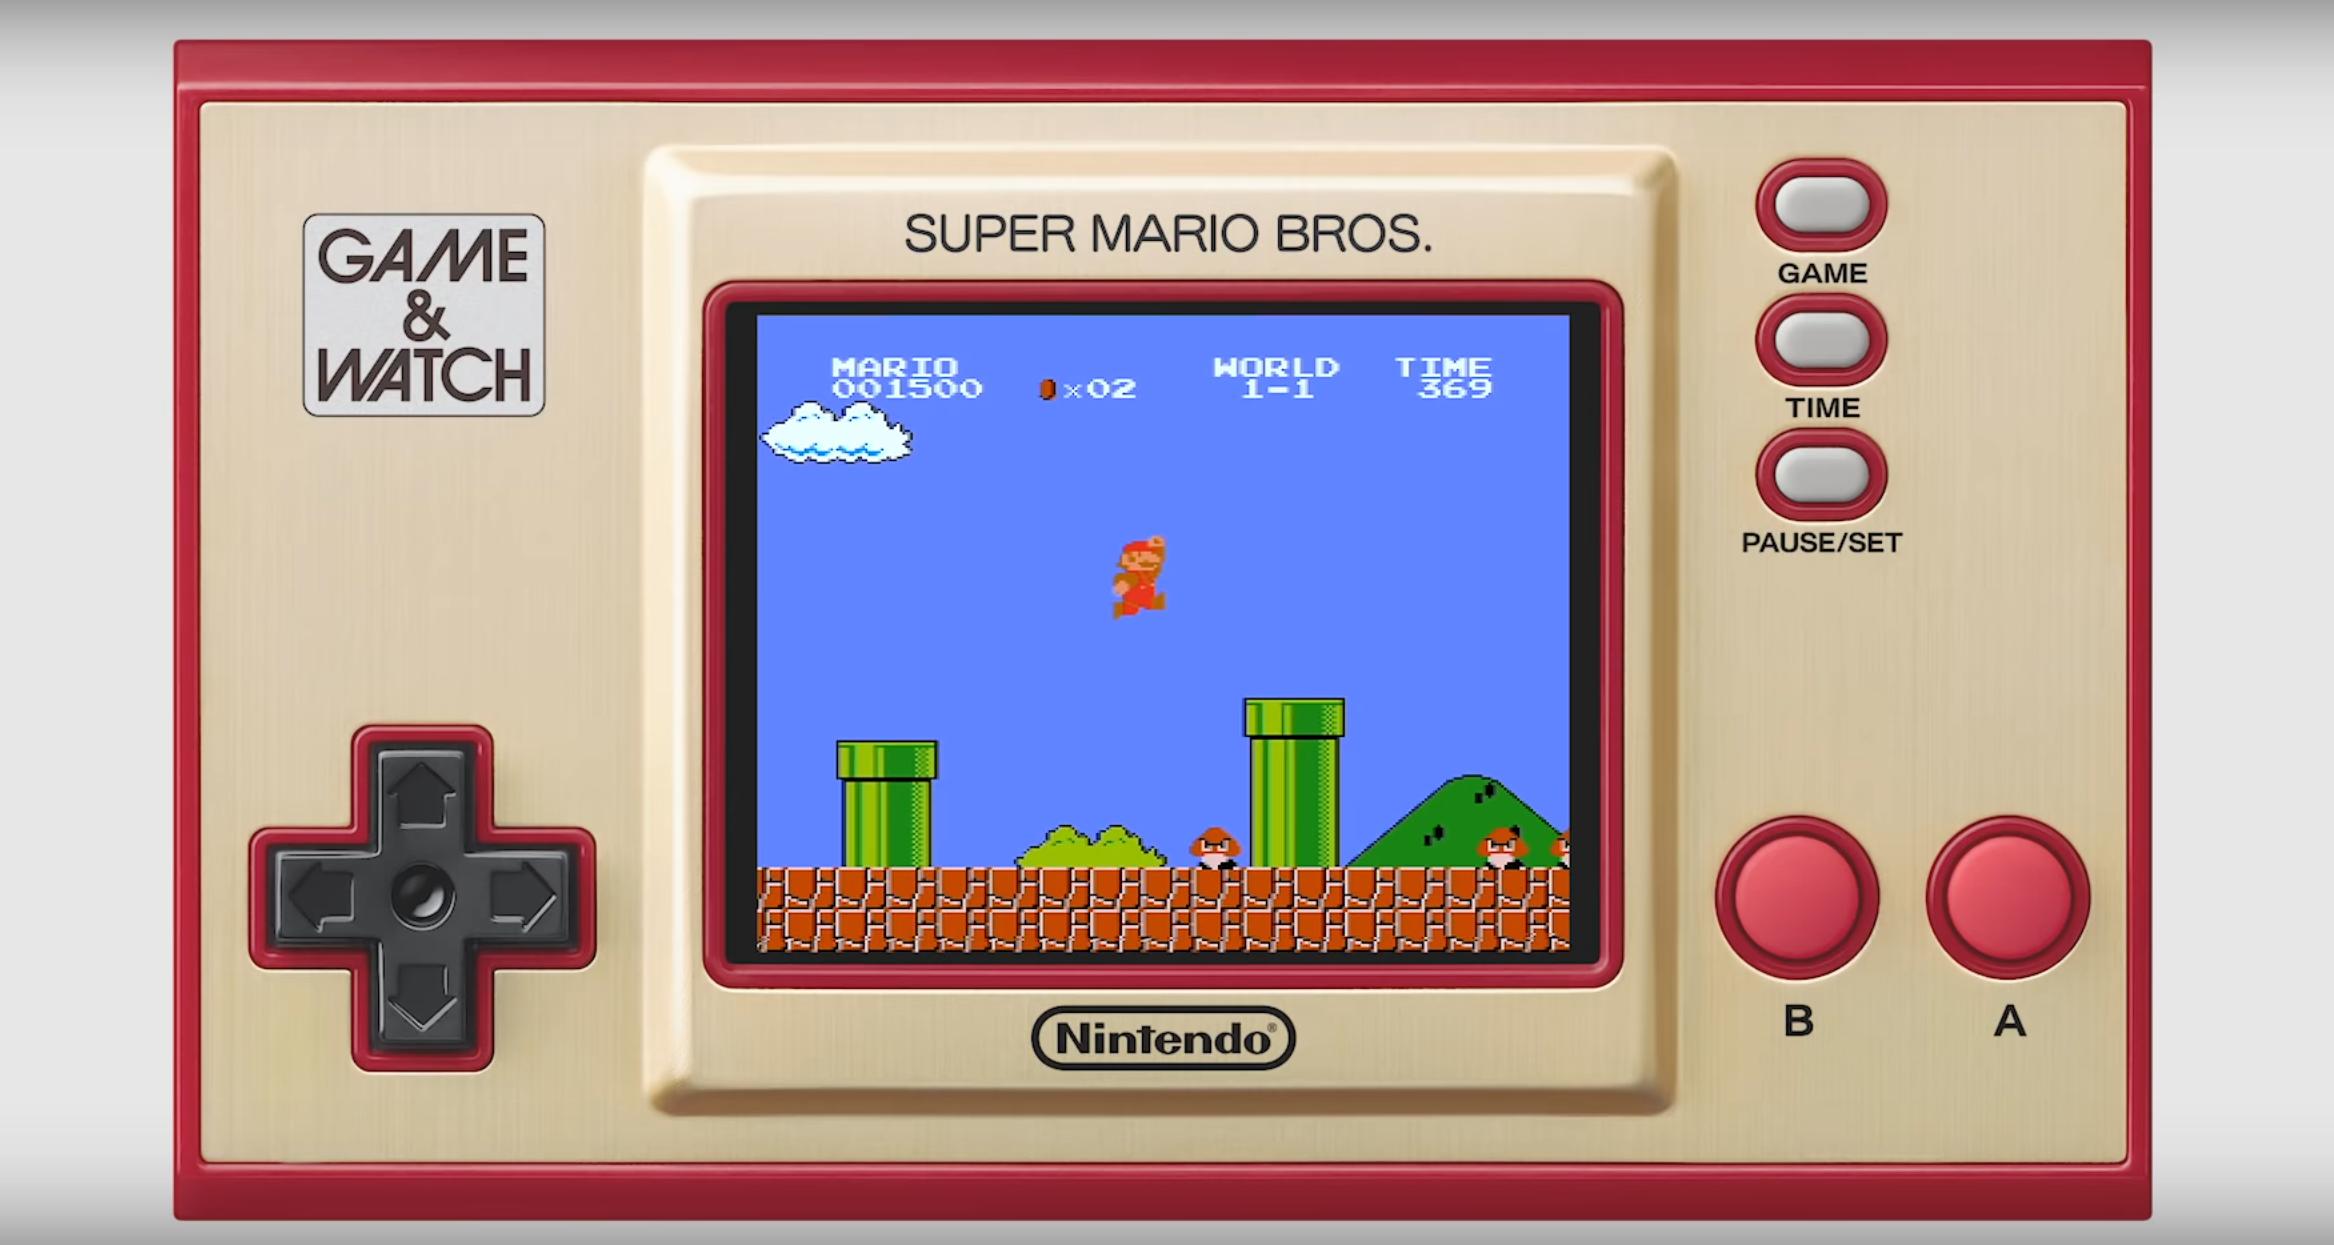 Nintendo slipper ny versjon av Game & Watch, med nyere spill